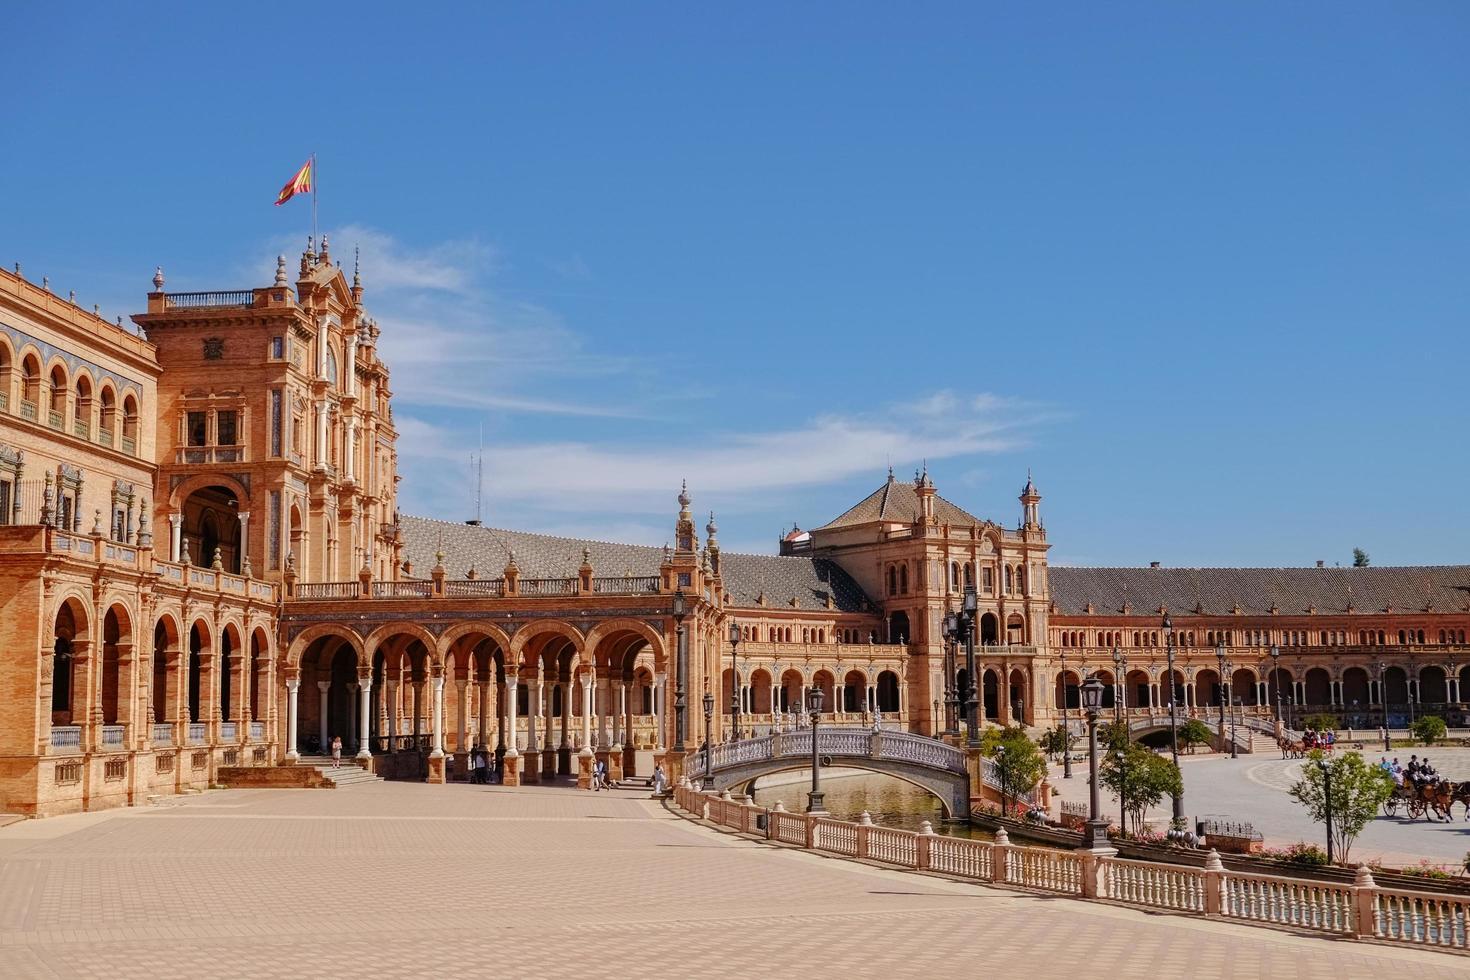 Landscape view of Plaza de Espana photo